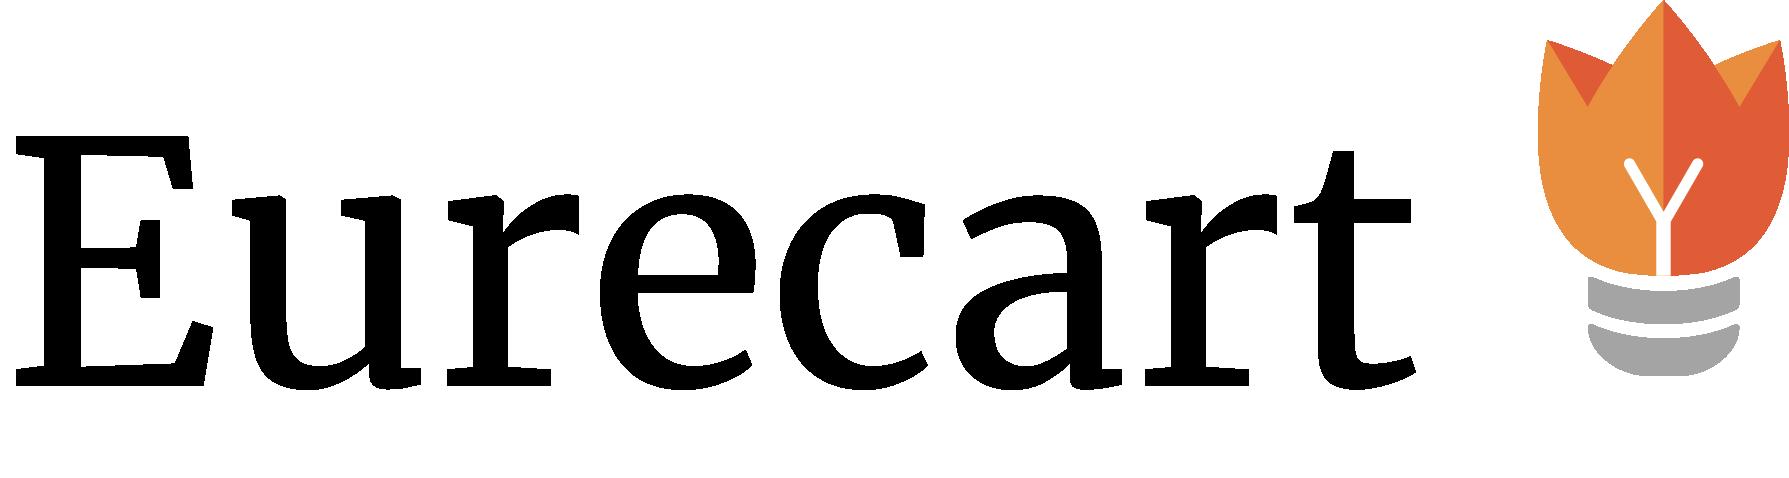 Eurecart